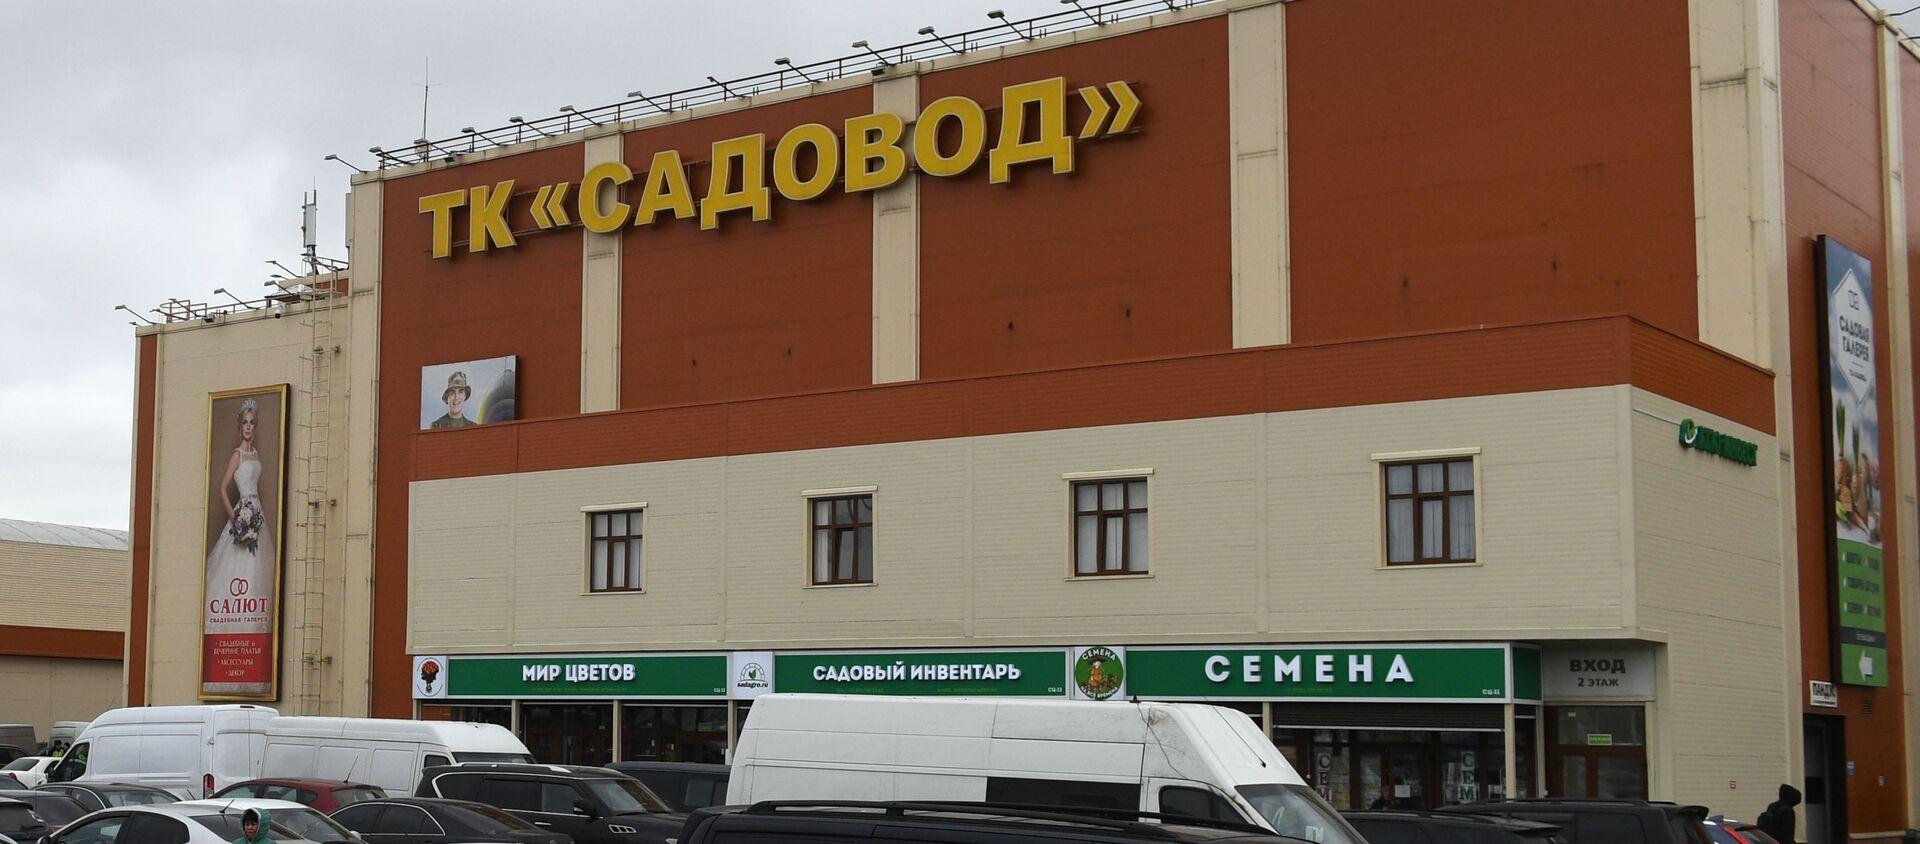 Здание рынка Садовод в Москве - Sputnik Беларусь, 1920, 29.12.2020